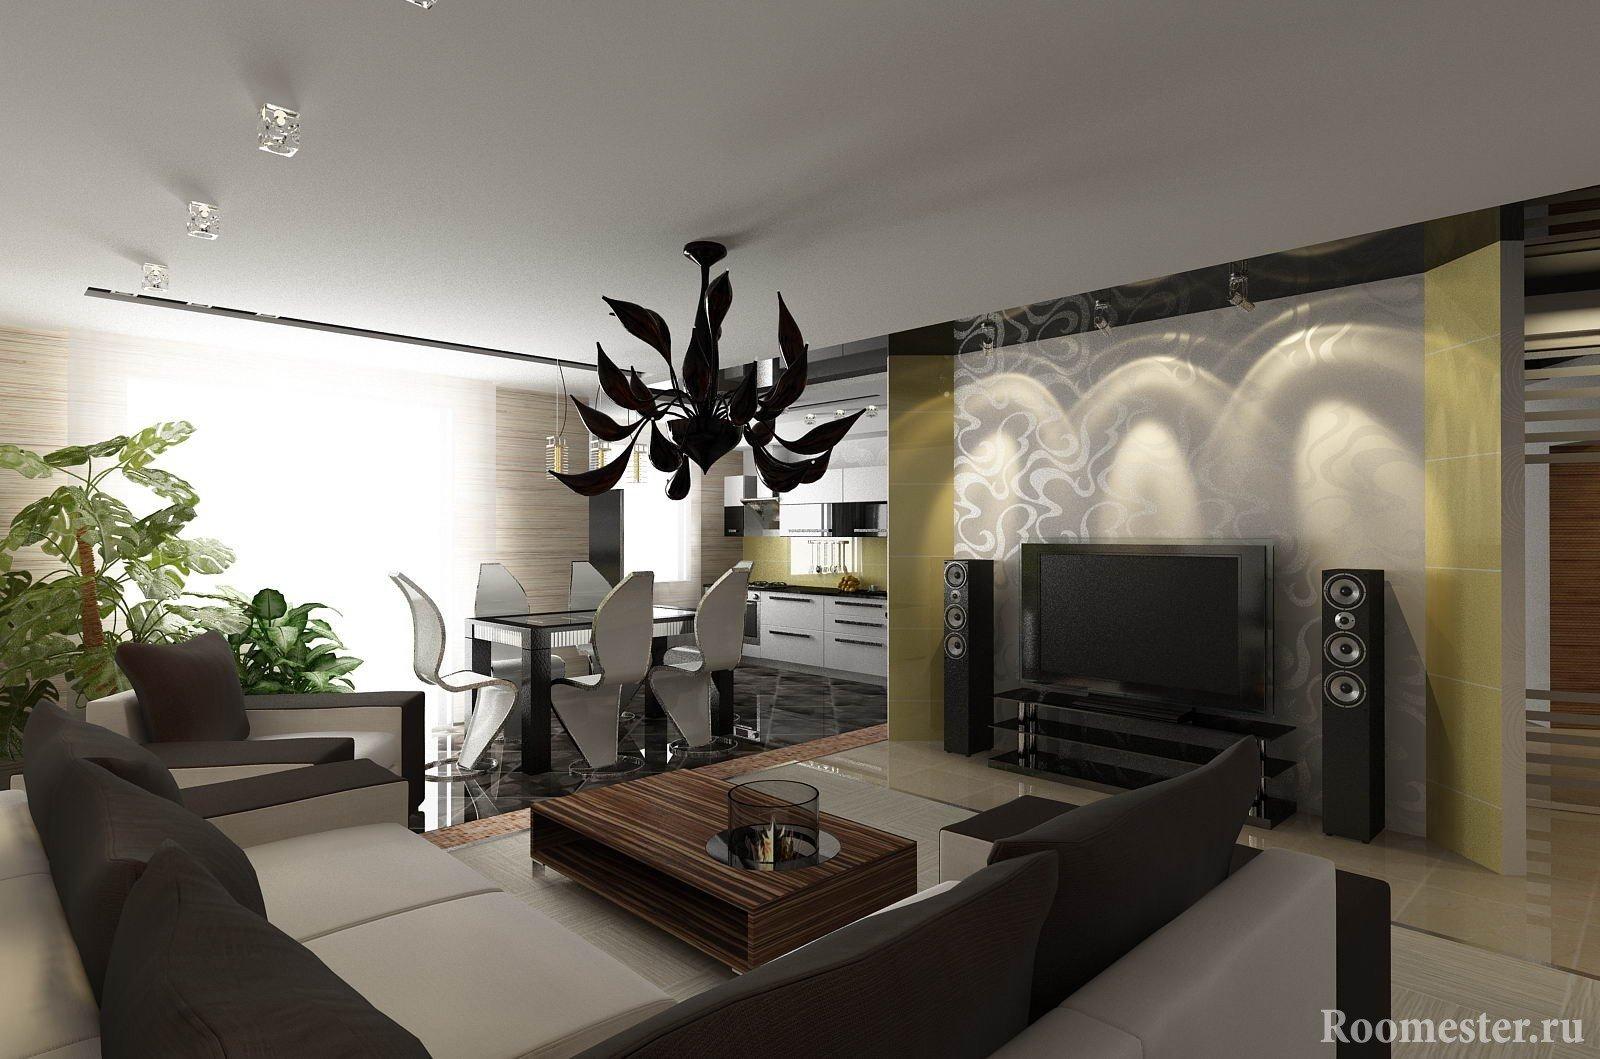 Дизайн кухни-гостиной в темных тонах